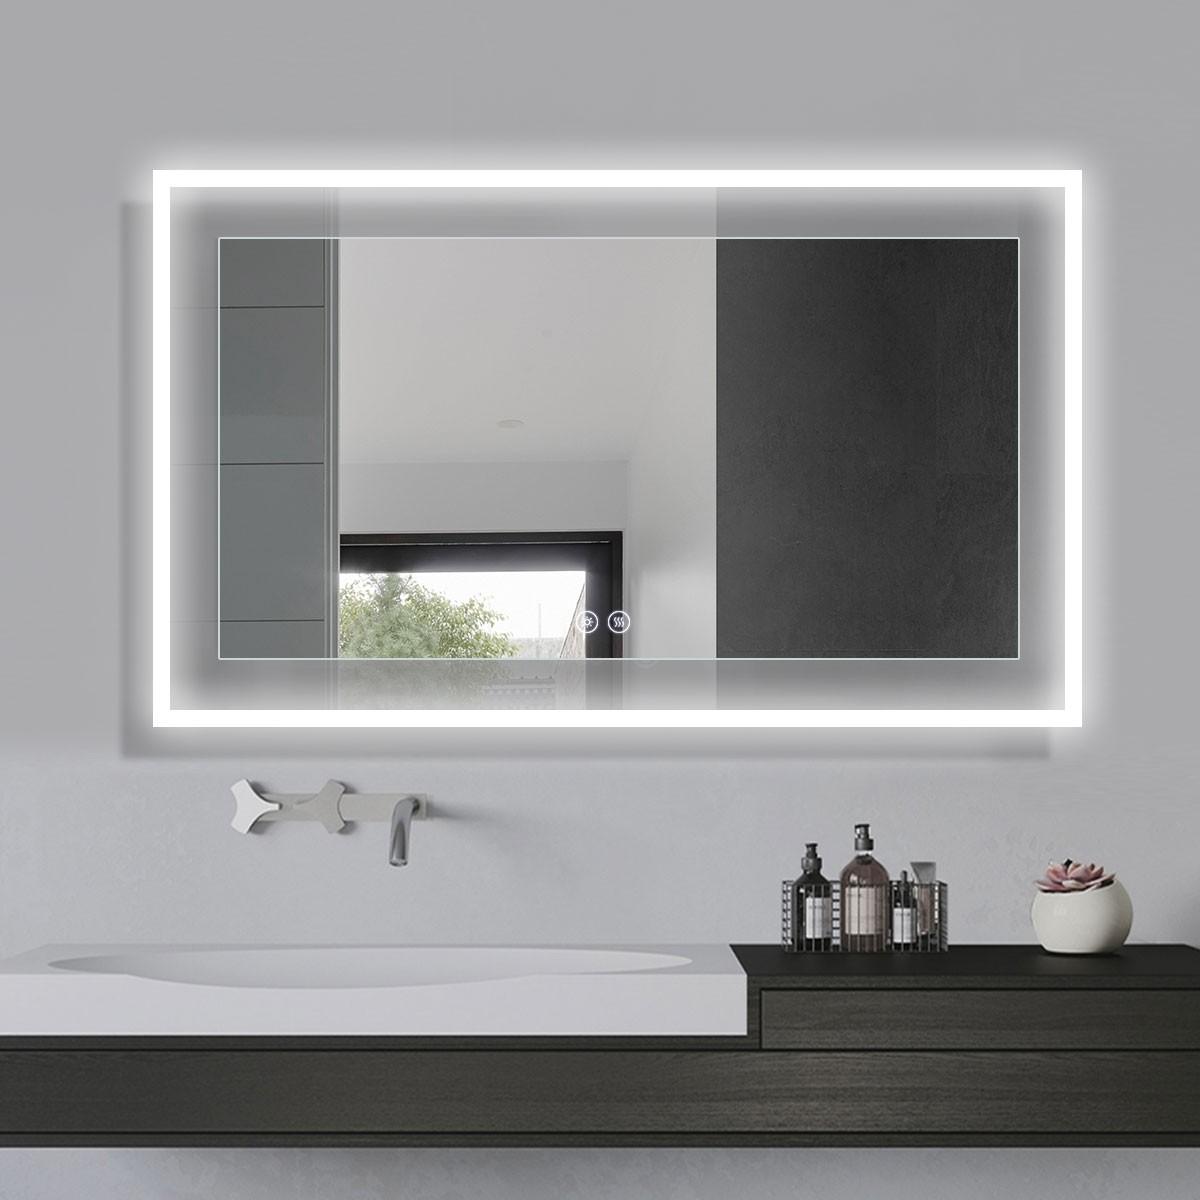 DECORAPORT 60 x 36 Po Miroir de Salle de Bain LED avec Bouton Tactile, Anti-Buée, Luminosité Réglable, Bluetooth, Montage Vertical & Horizontal (D321-6036A)